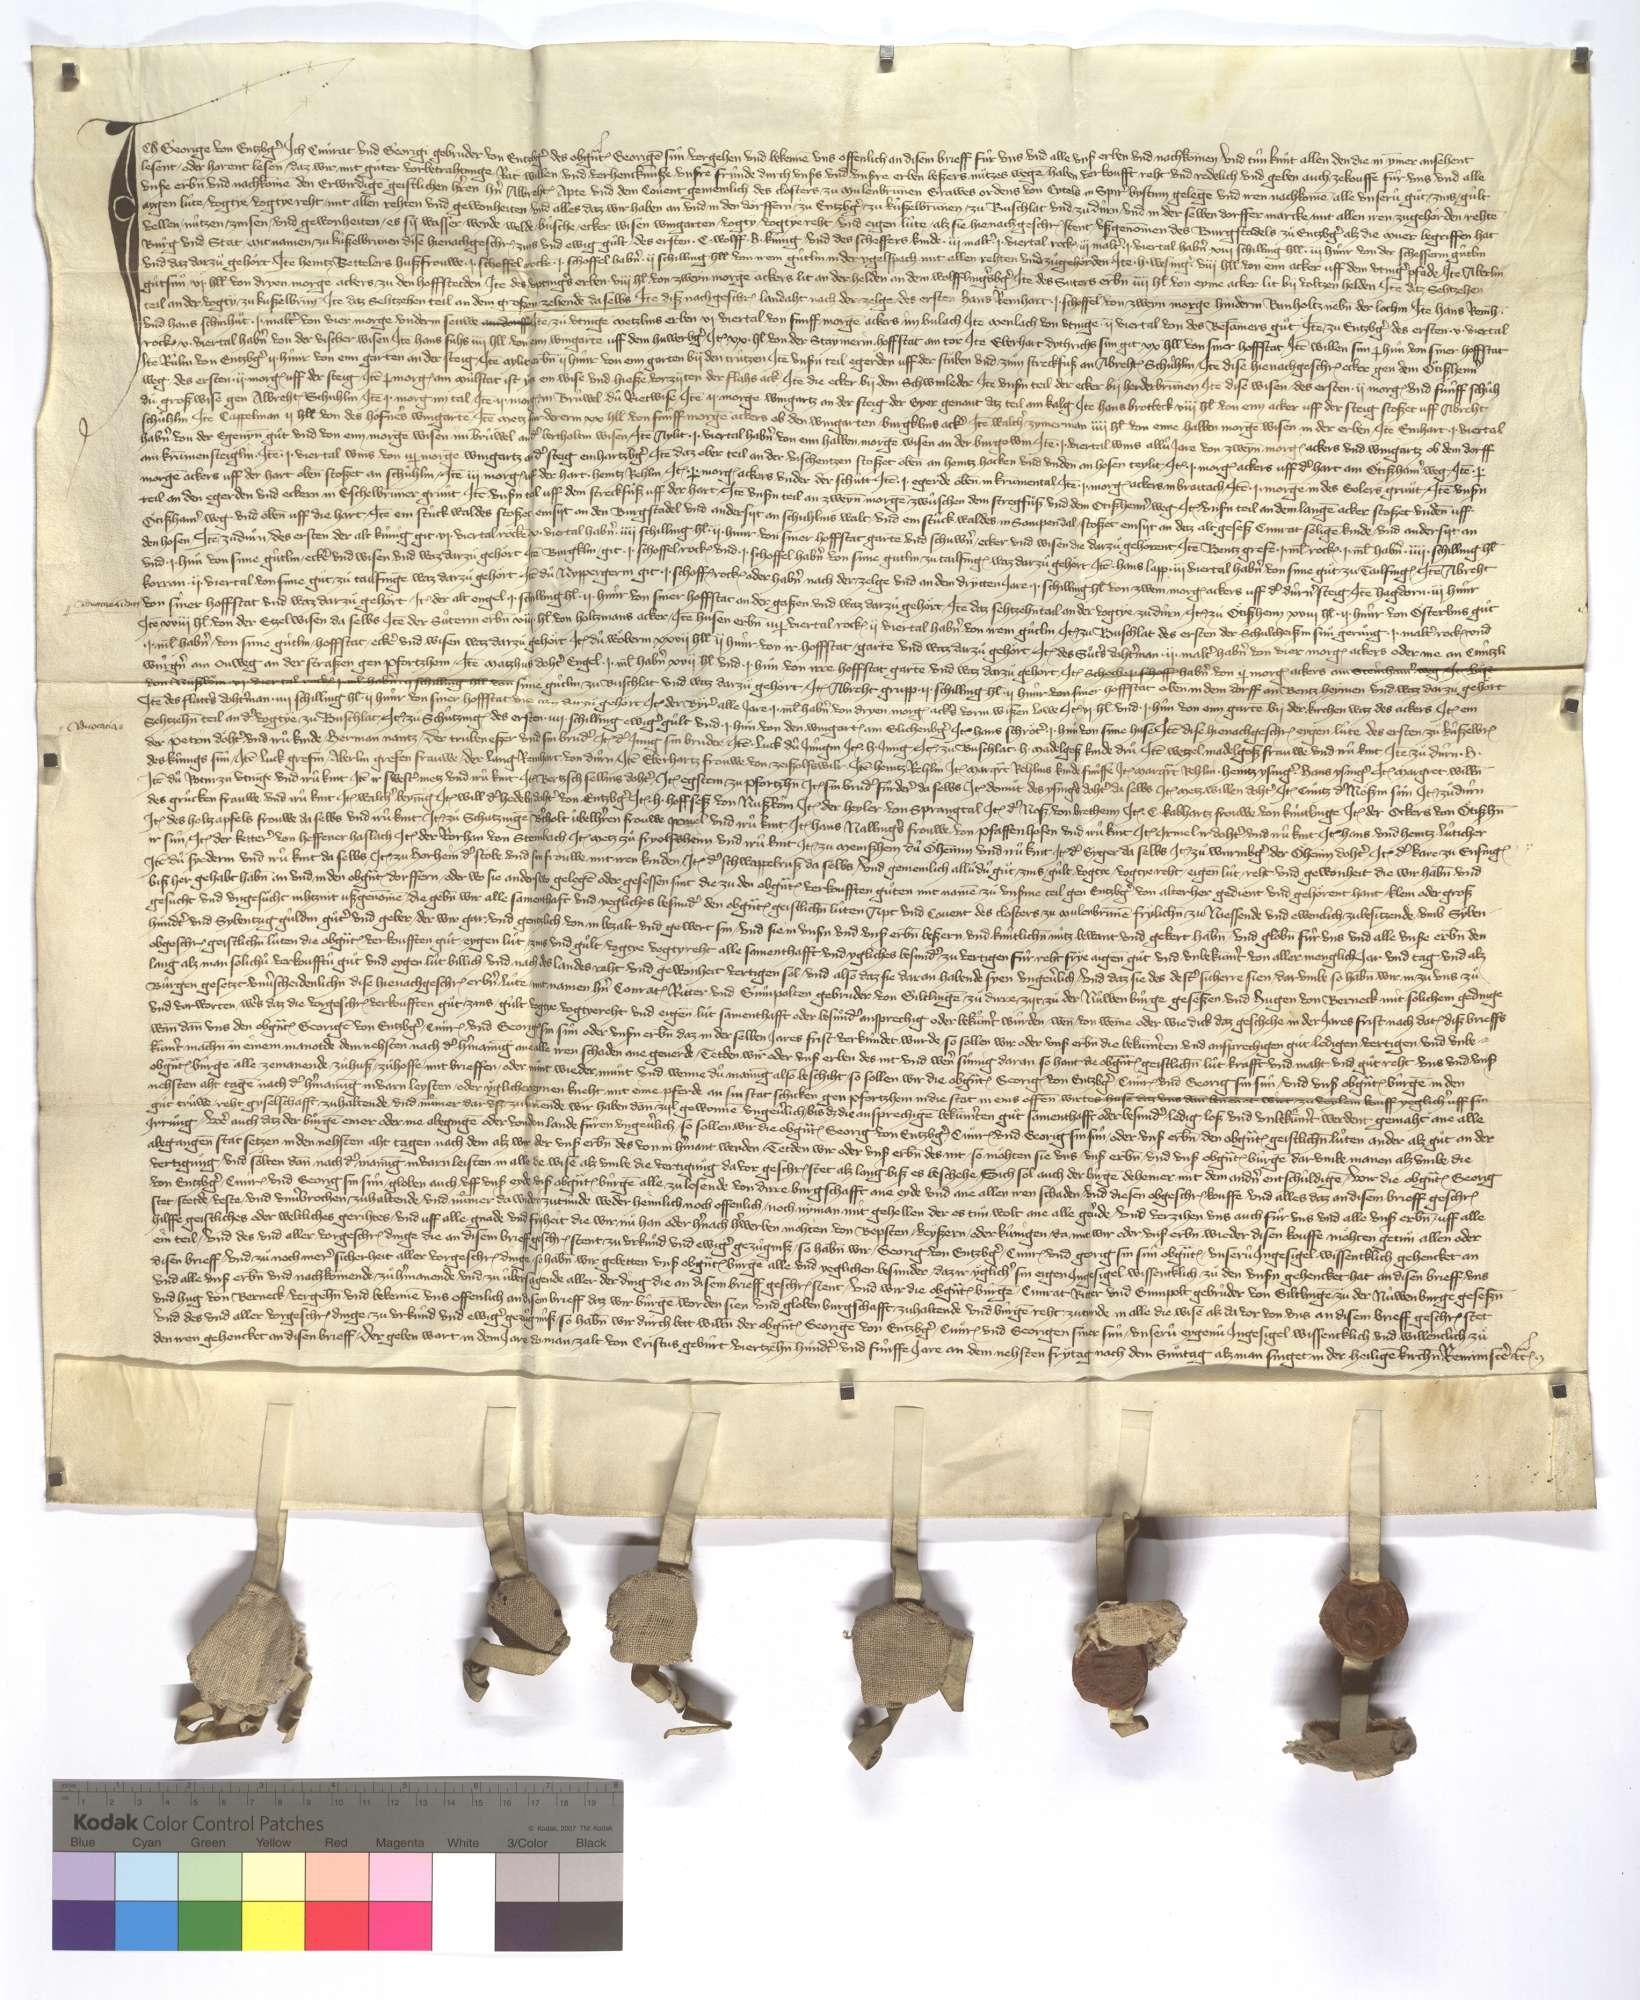 Georg von Enzberg sowie Conrad und Georg, seine Söhne, verkaufen dem Kloster Maulbronn ihr Einkommen in Enzberg, Dürrn, Bauschlott (Bauschlot) und Kieselbronn samt Gerechtsame., Text